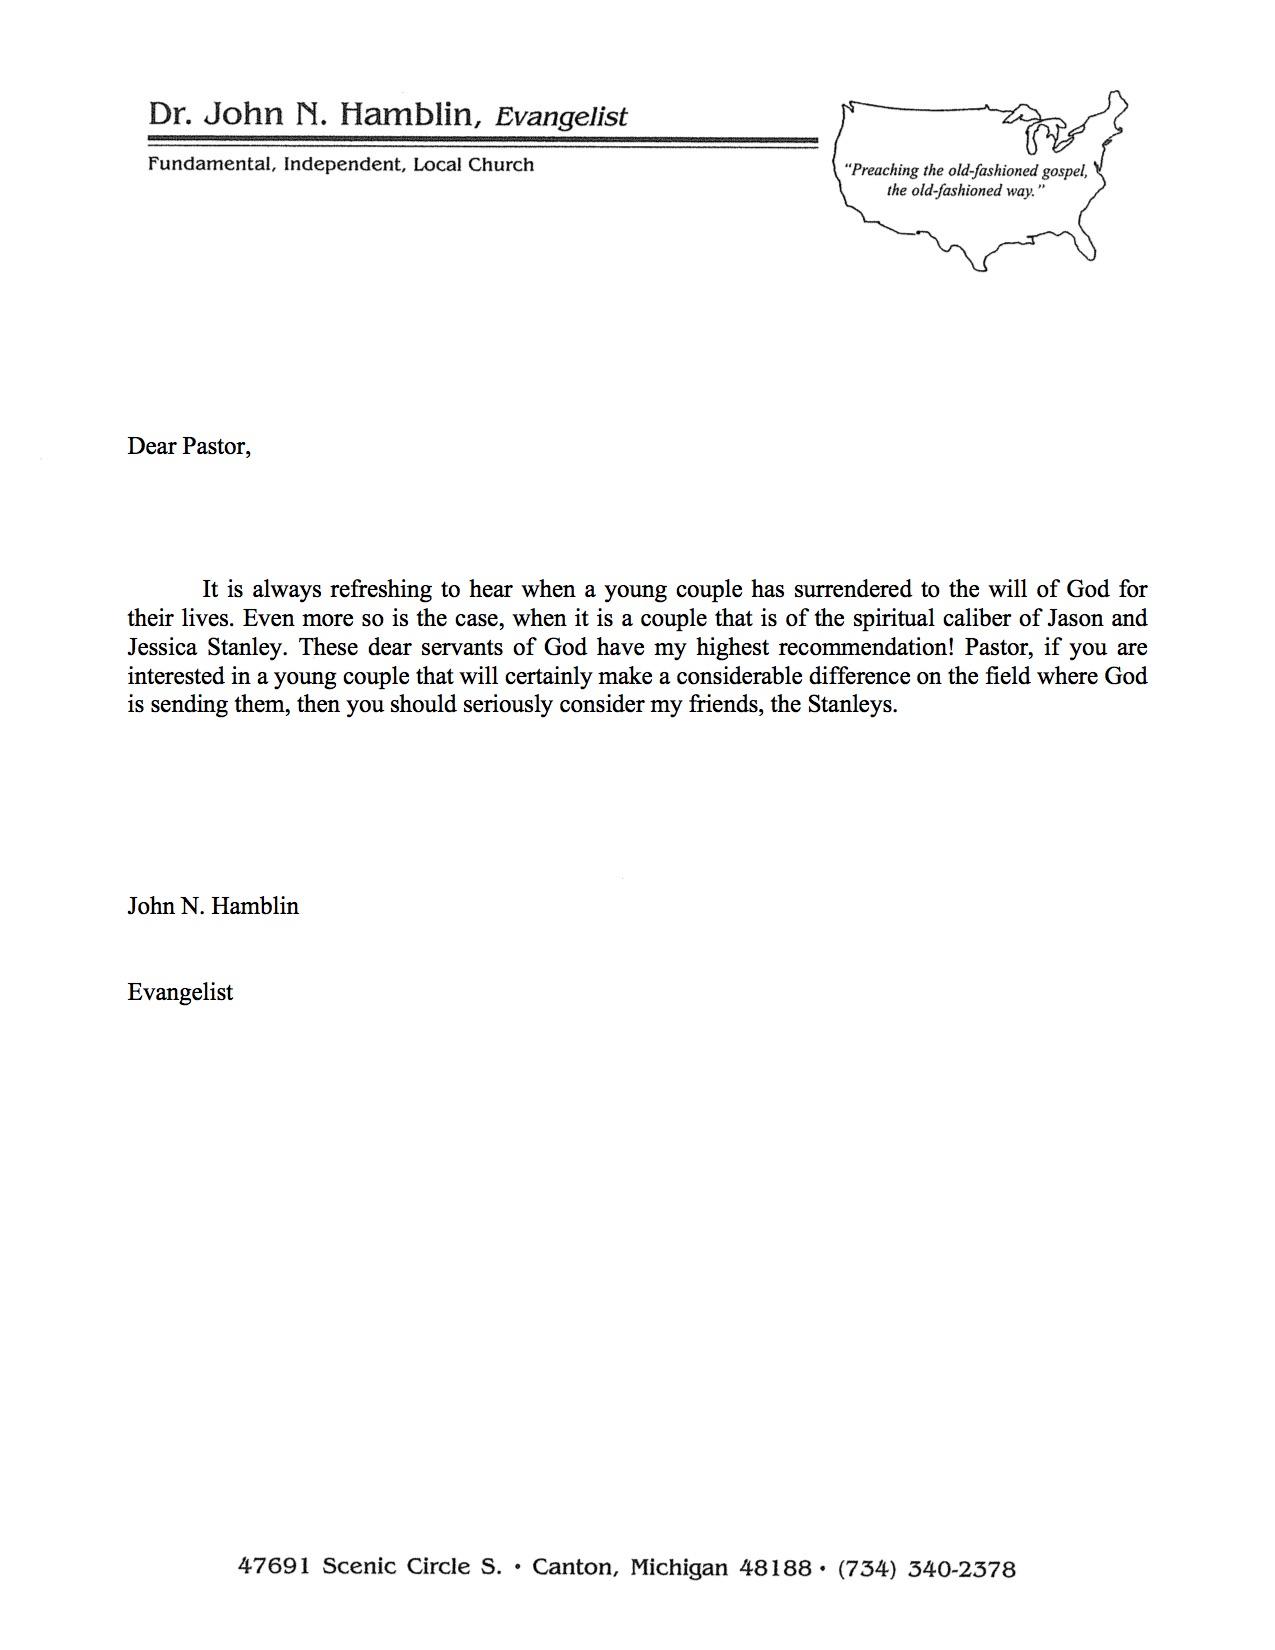 Dr. Hamblin's Recommendation Letter.jpg